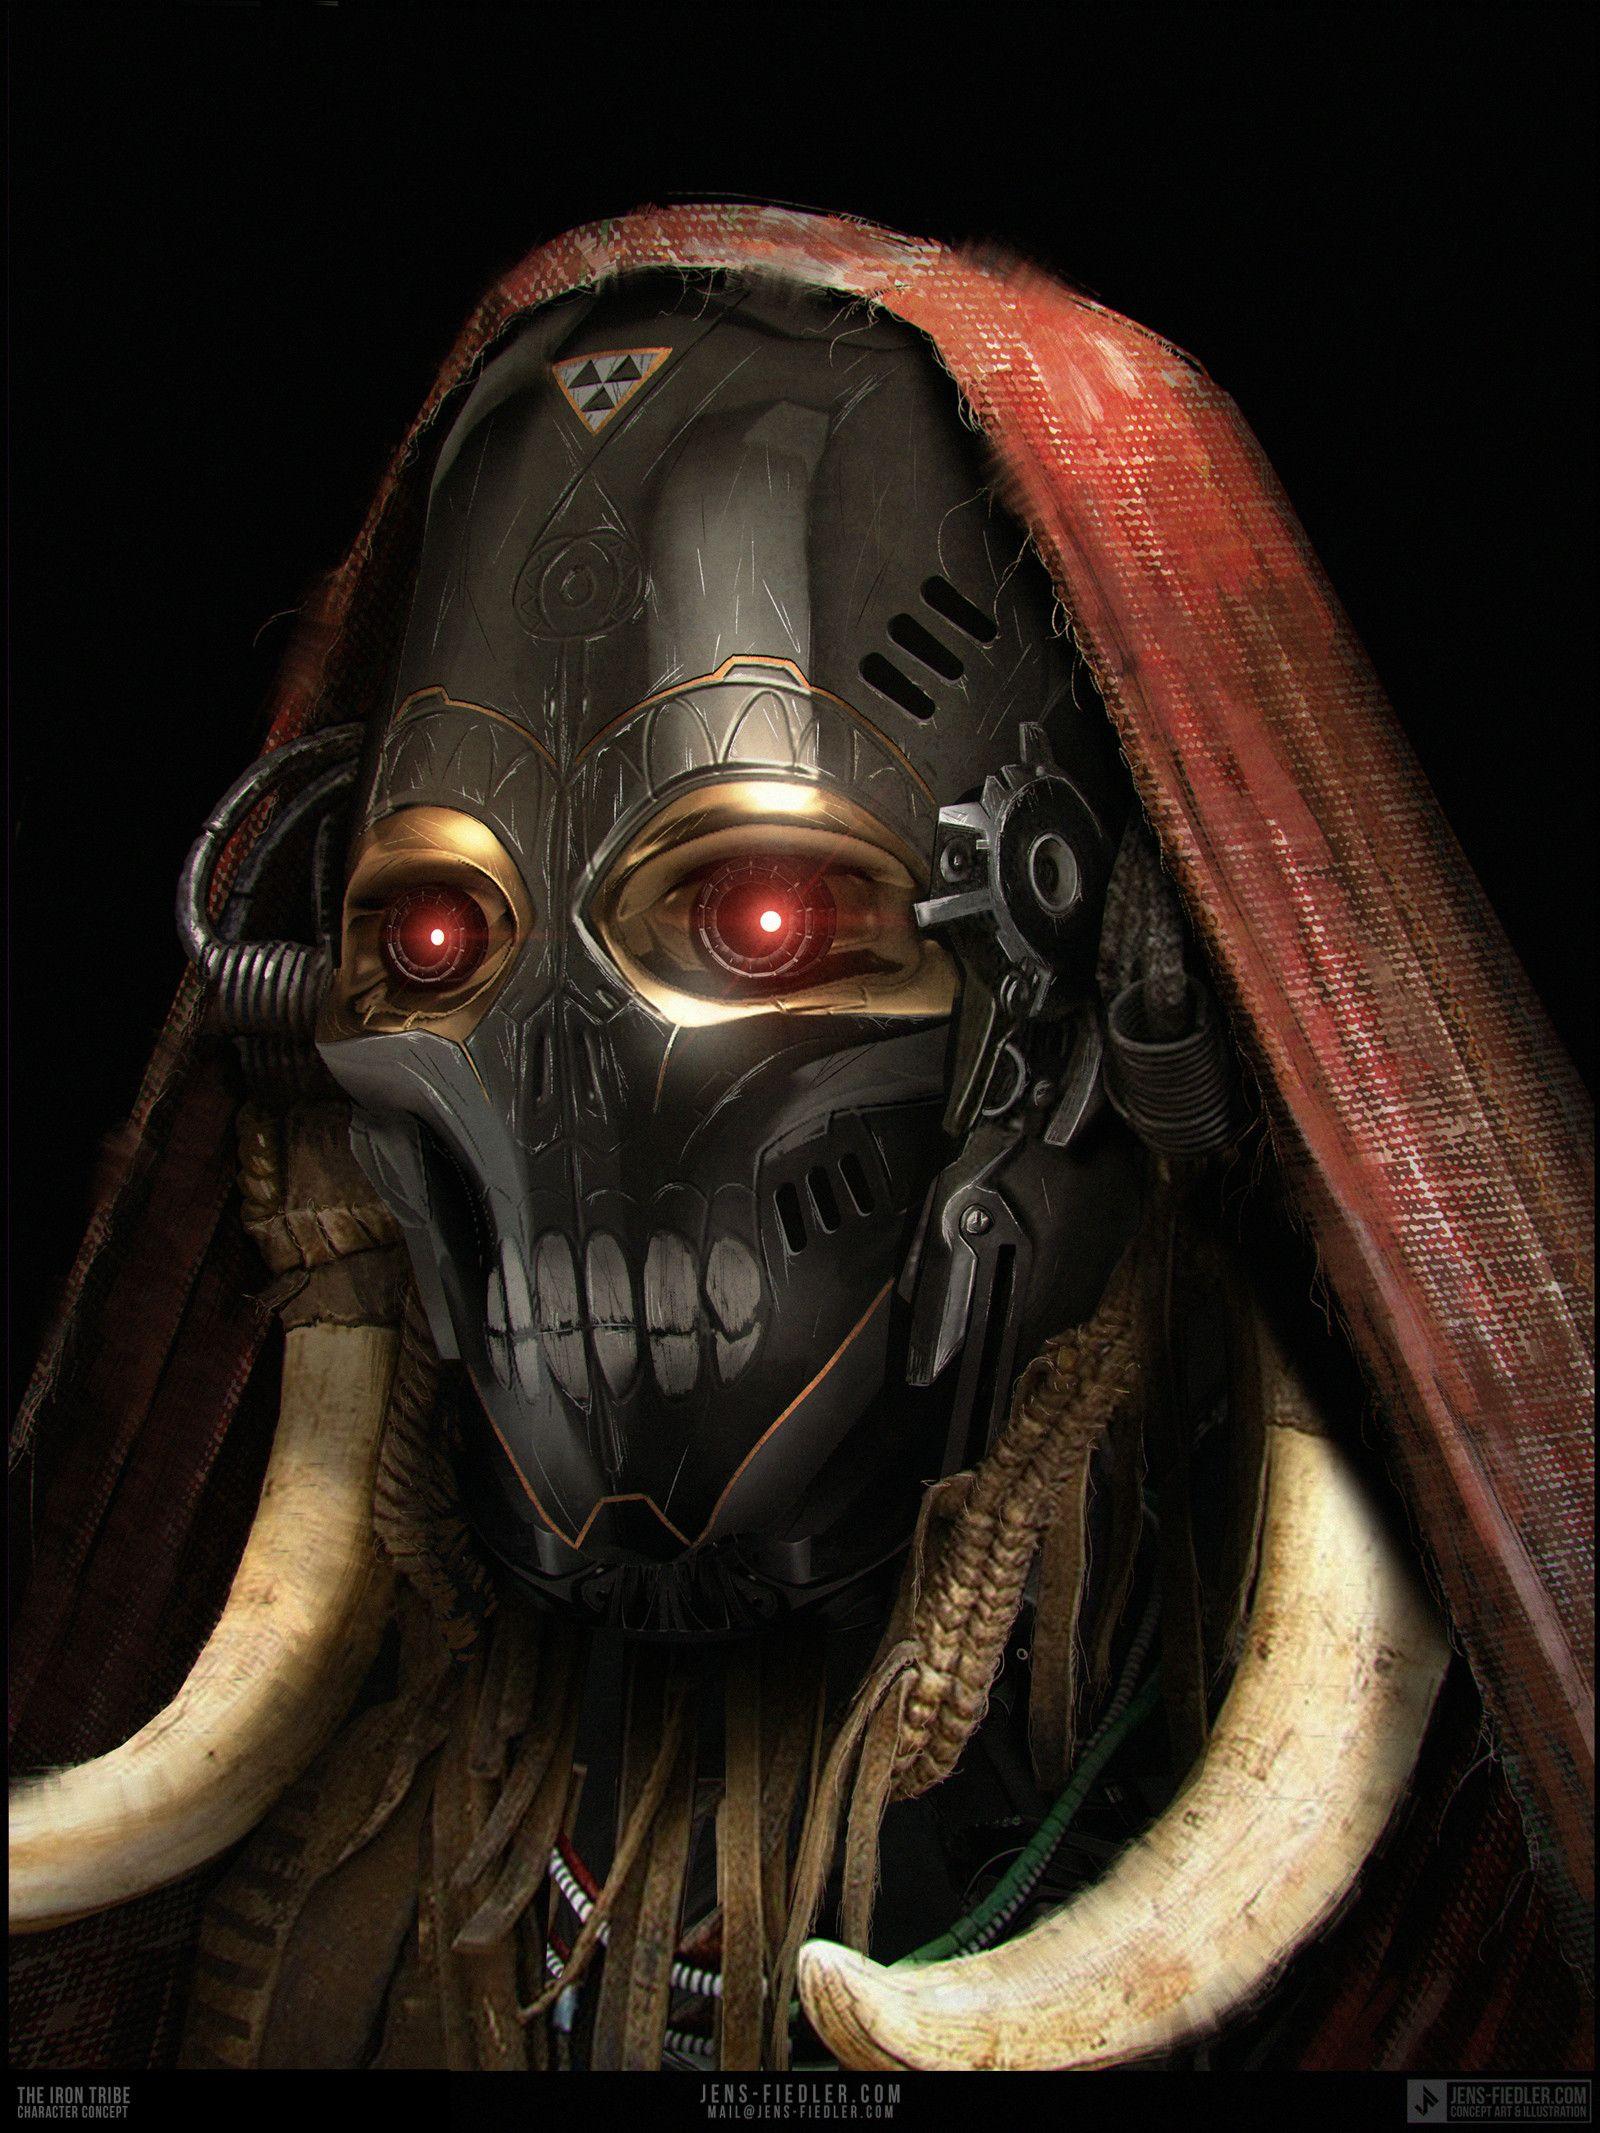 ArtStation - The Iron Tribe, Jens Fiedler | Sci-Fi (Aliens/Weapons ...